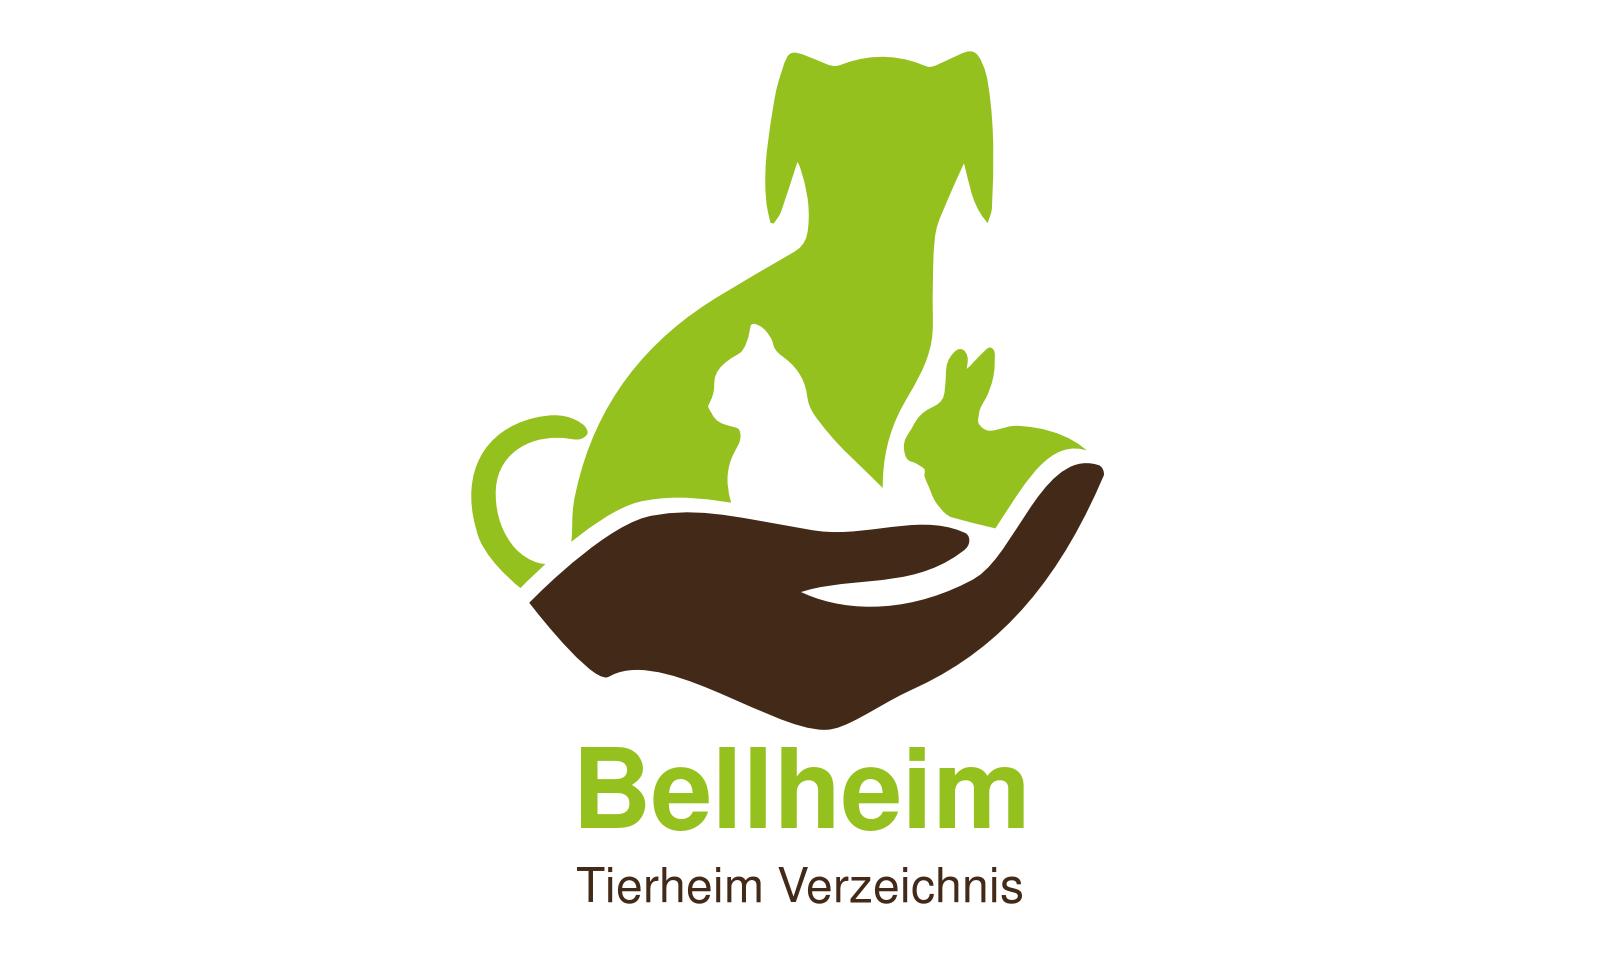 Tierheim Bellheim